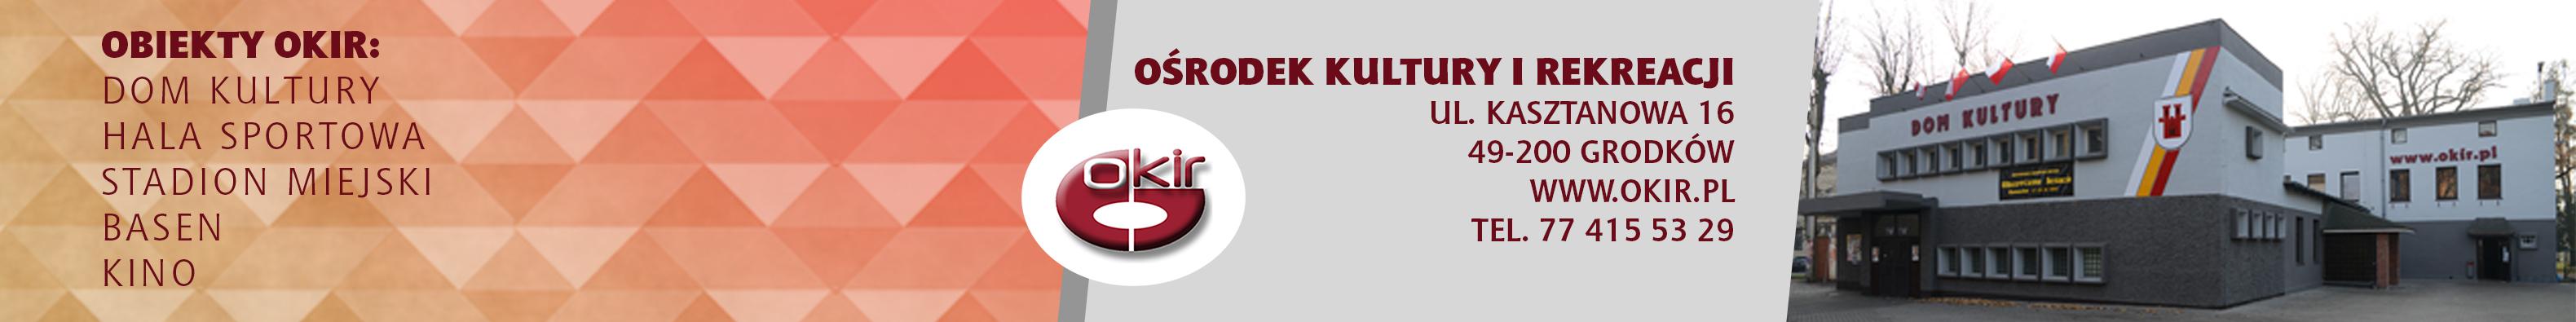 Baner BIP Ośrodek Kultury i Rekreacji w Grodkowie